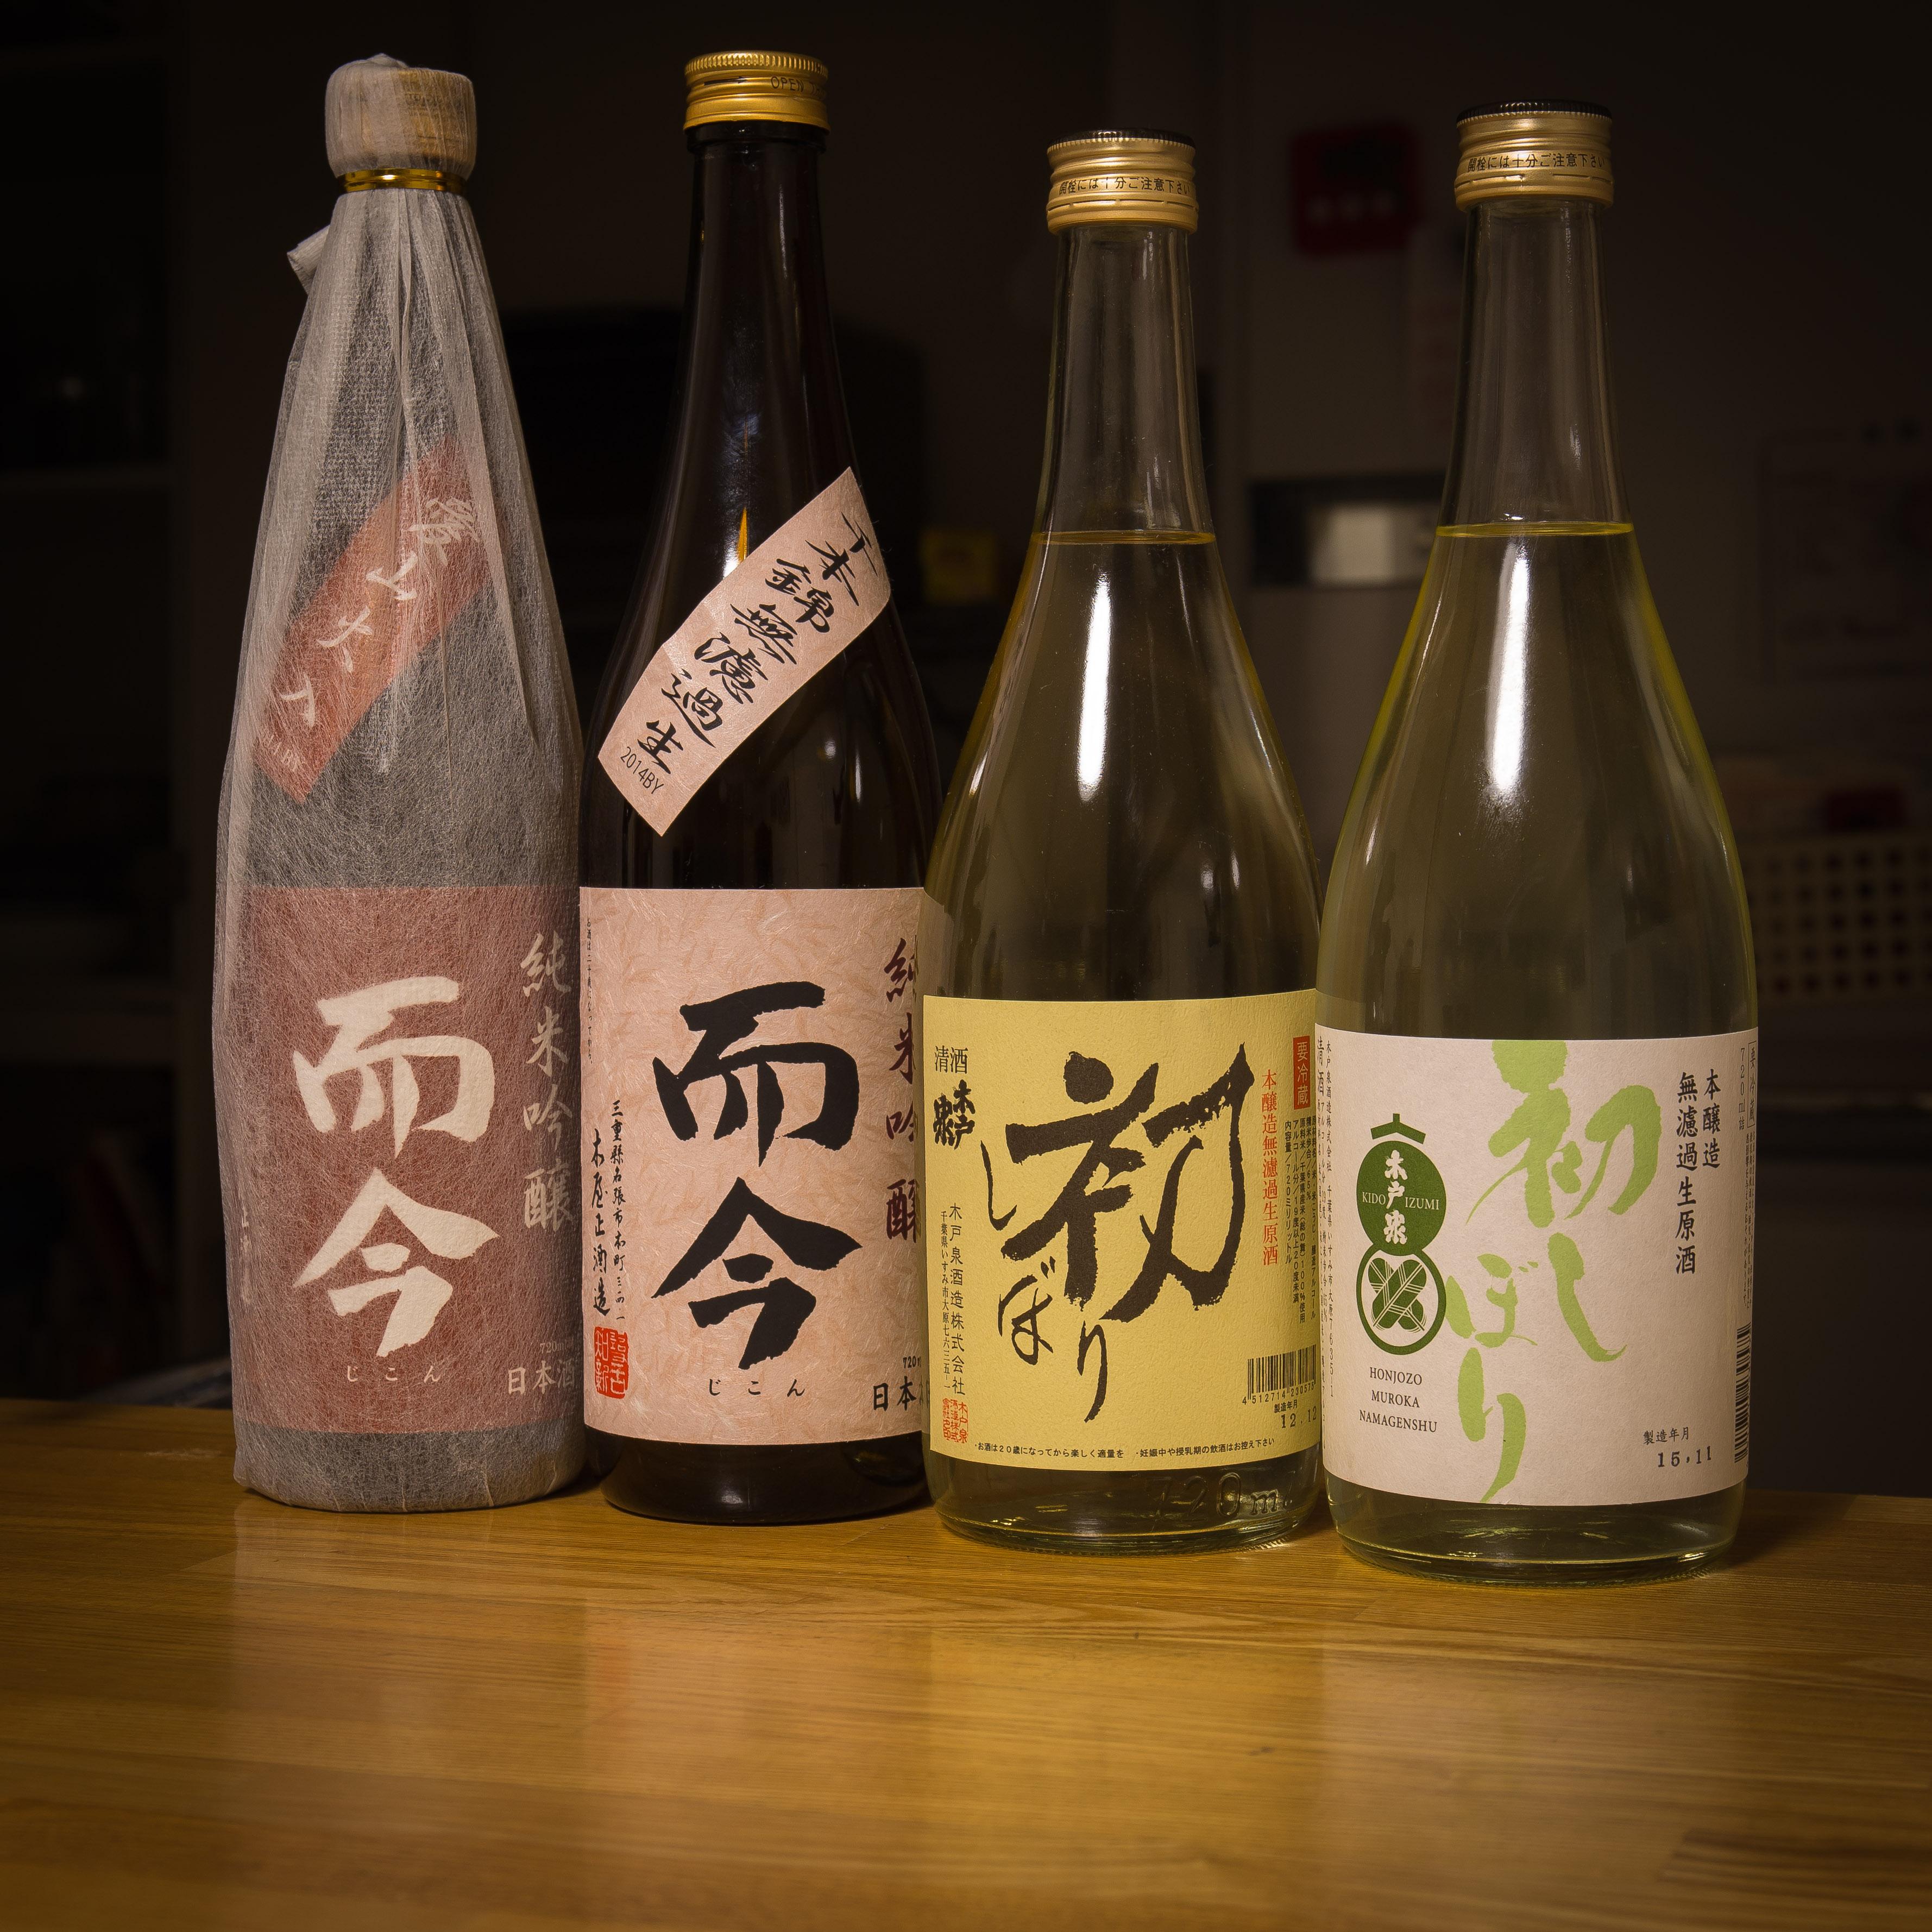 晩酌ダイジェスト2015年末(5)